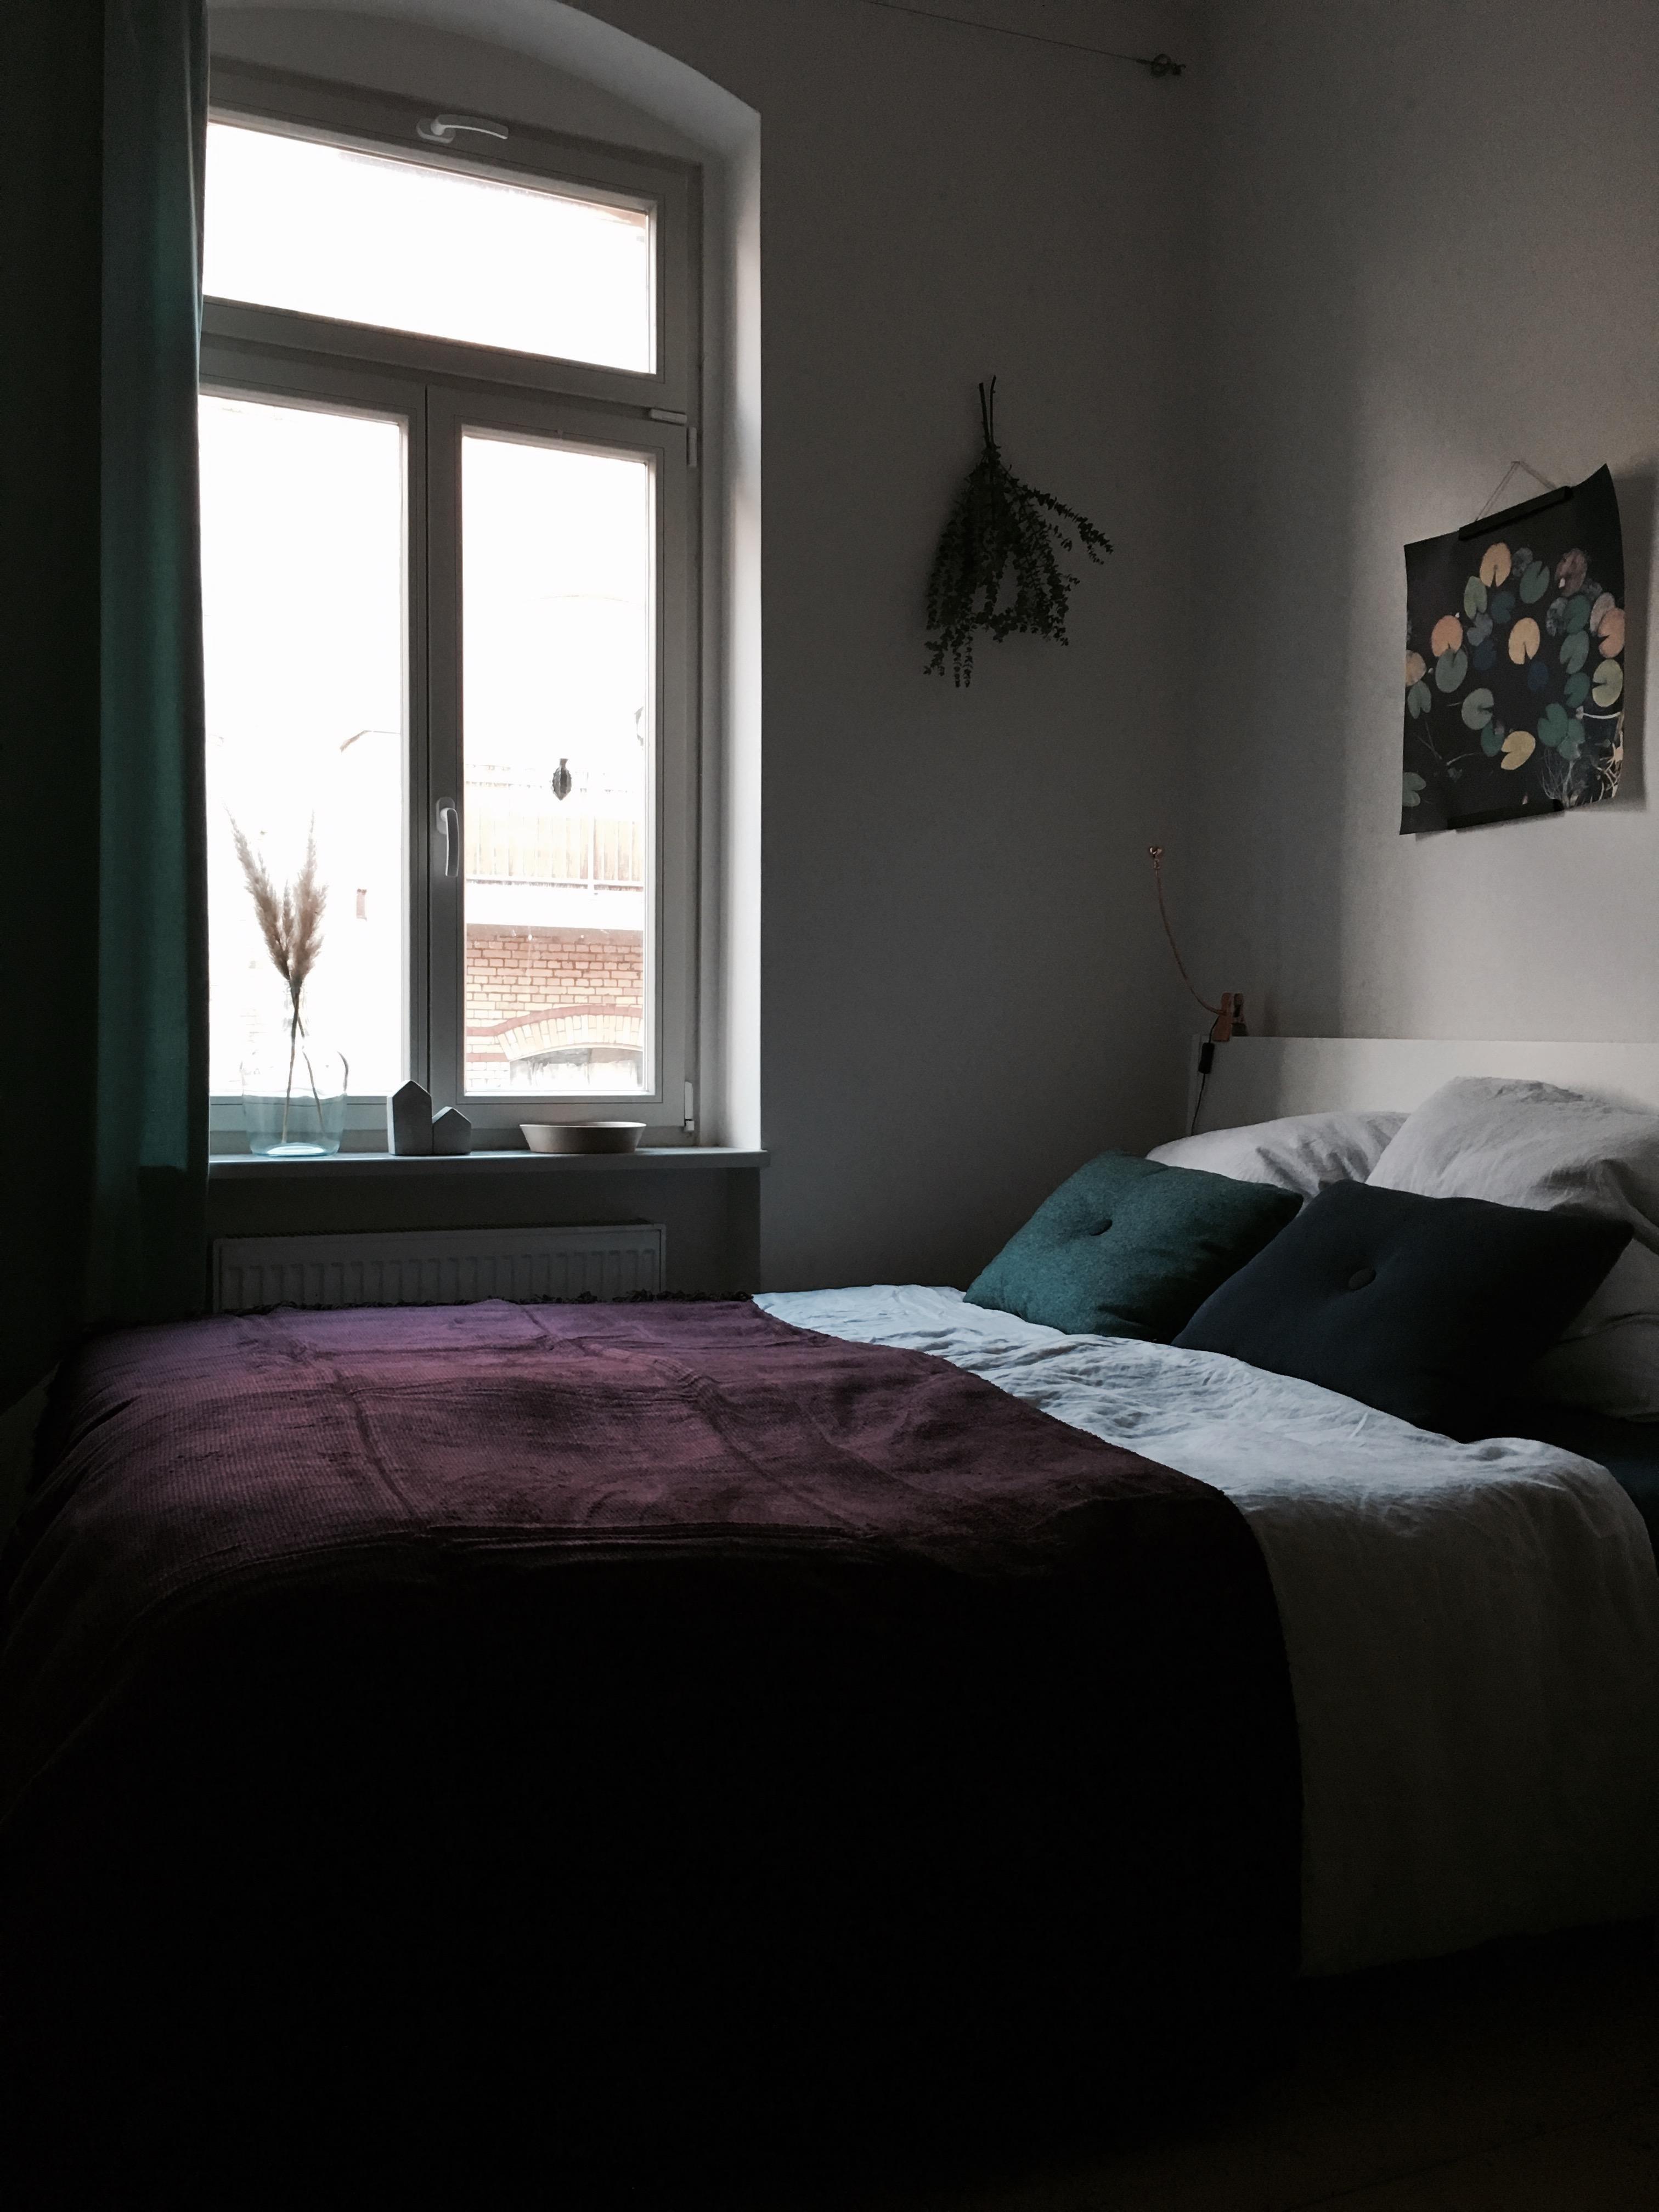 Sunday In Bed Schlafzimmer Kuscheldecke Kissen